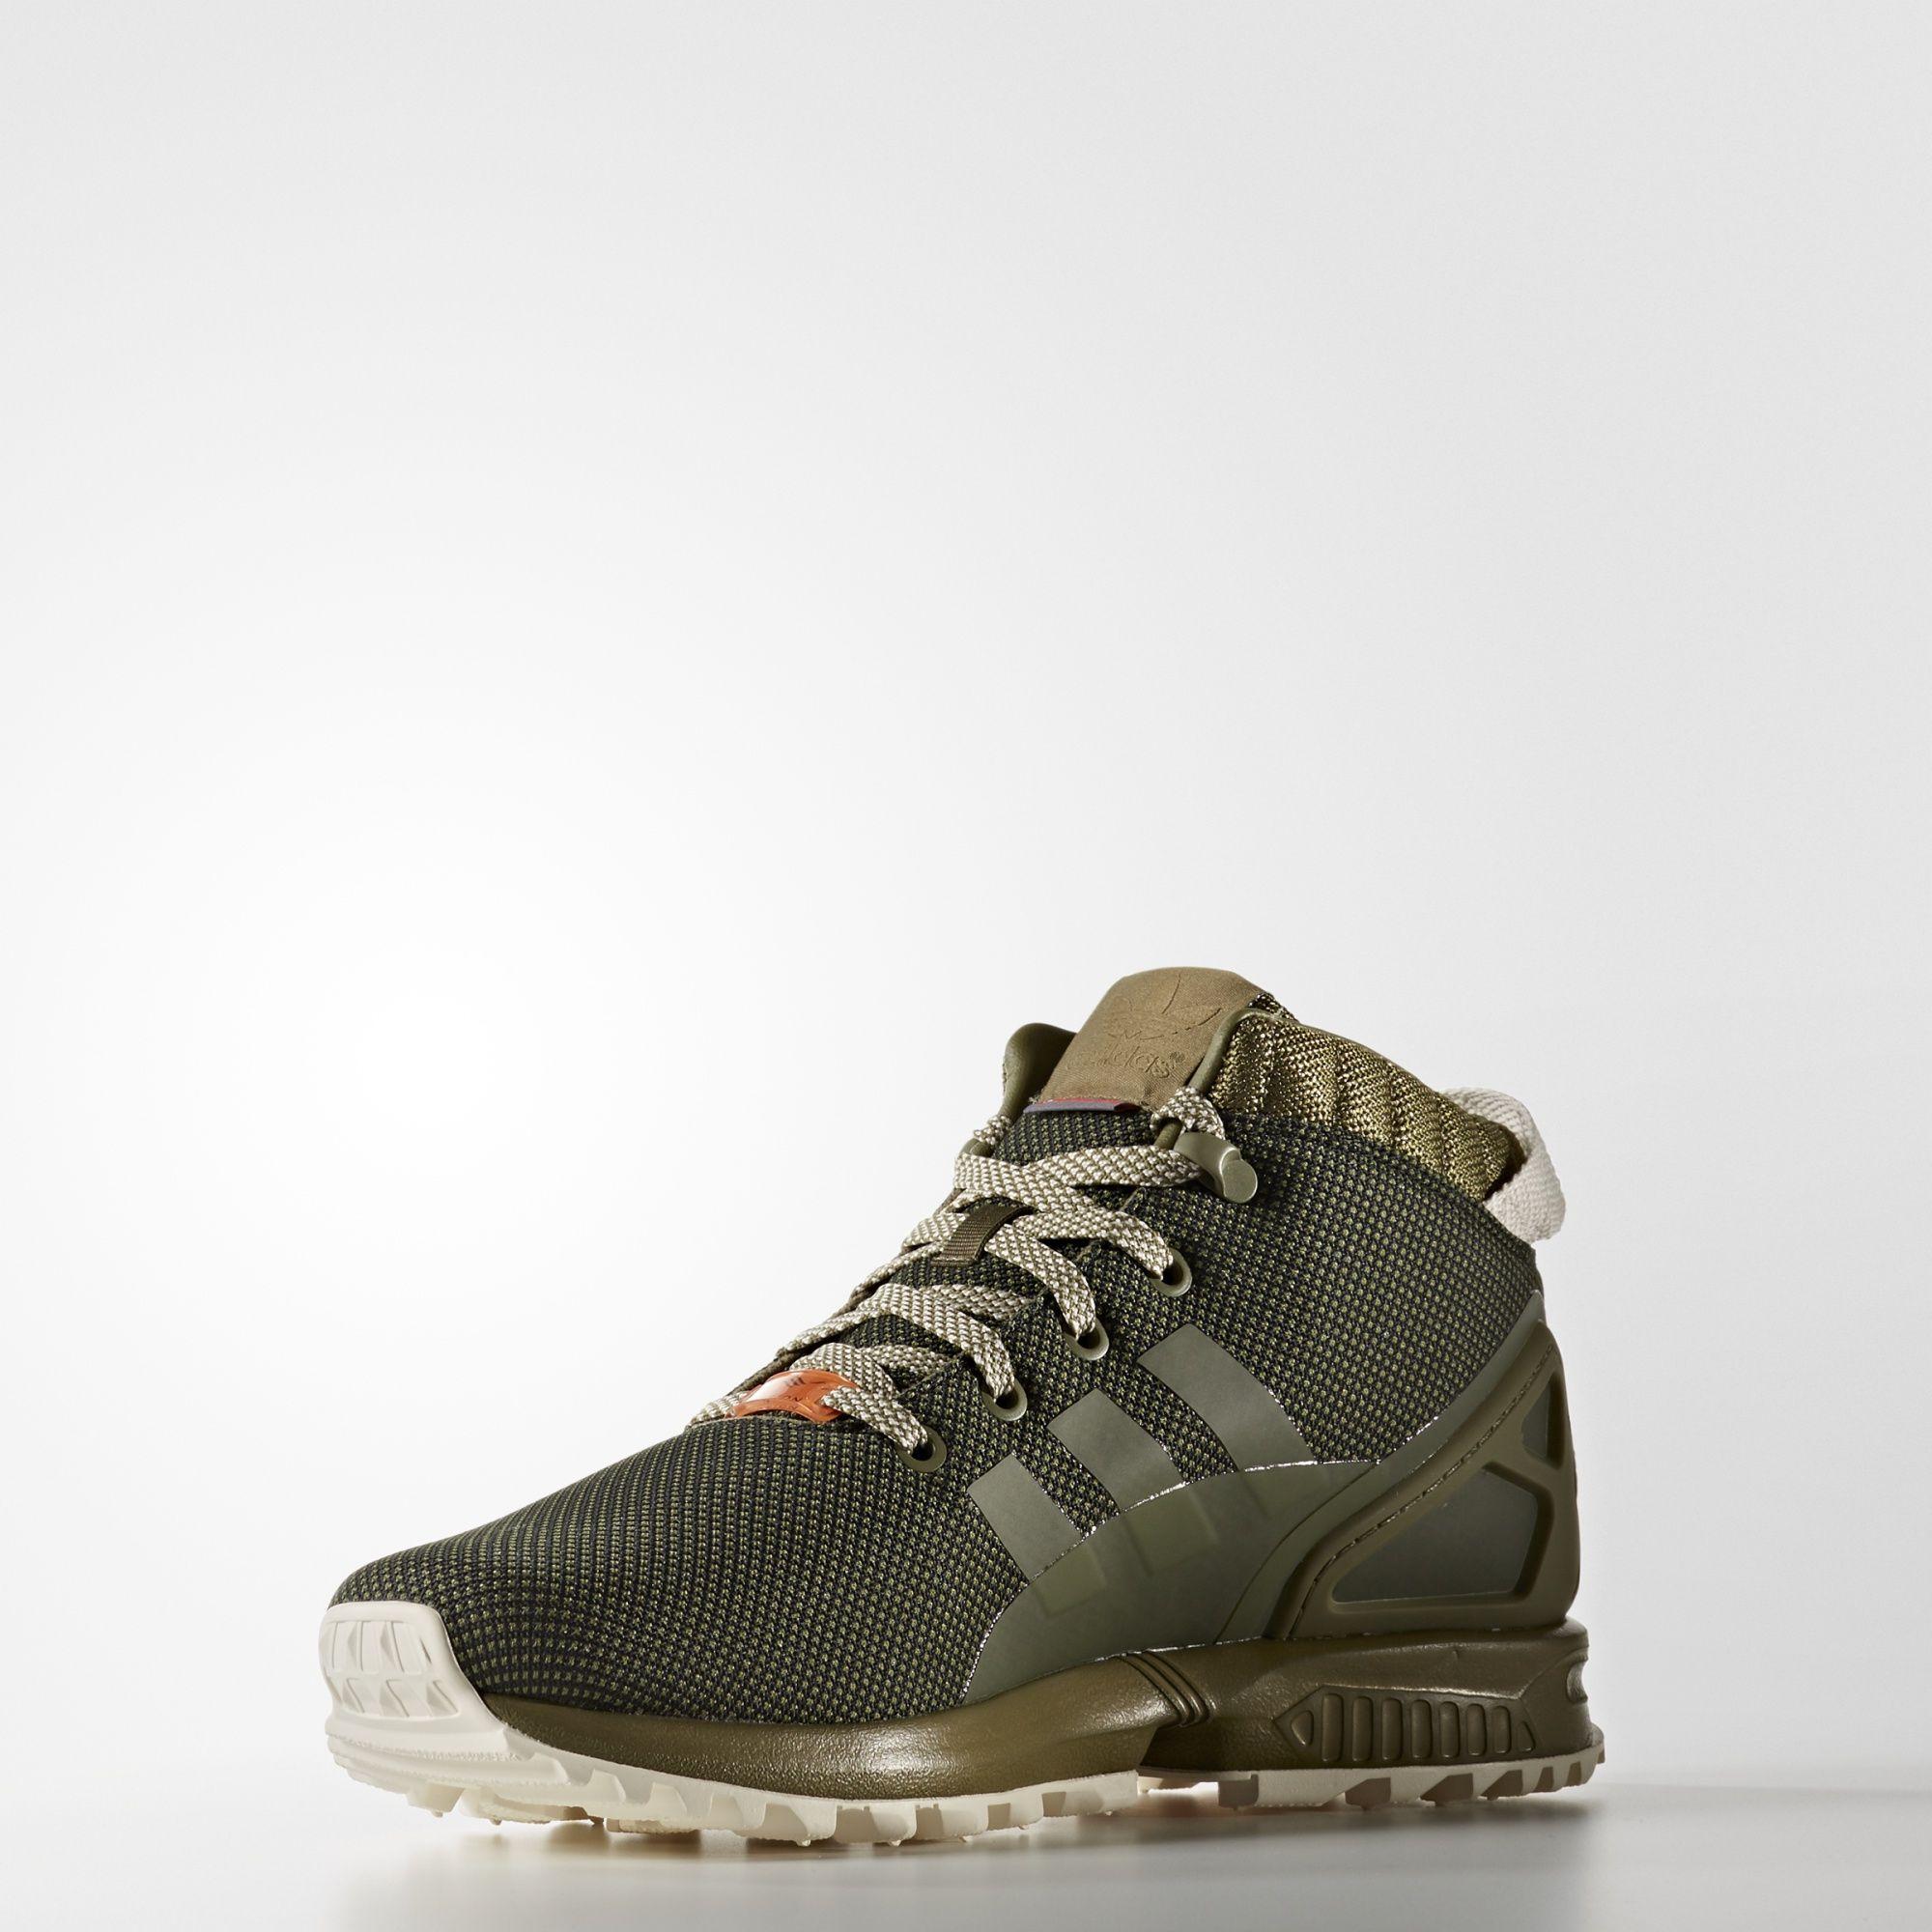 Zx Flux 5/8 Chaussures De Trail Adidas LBBXnXn